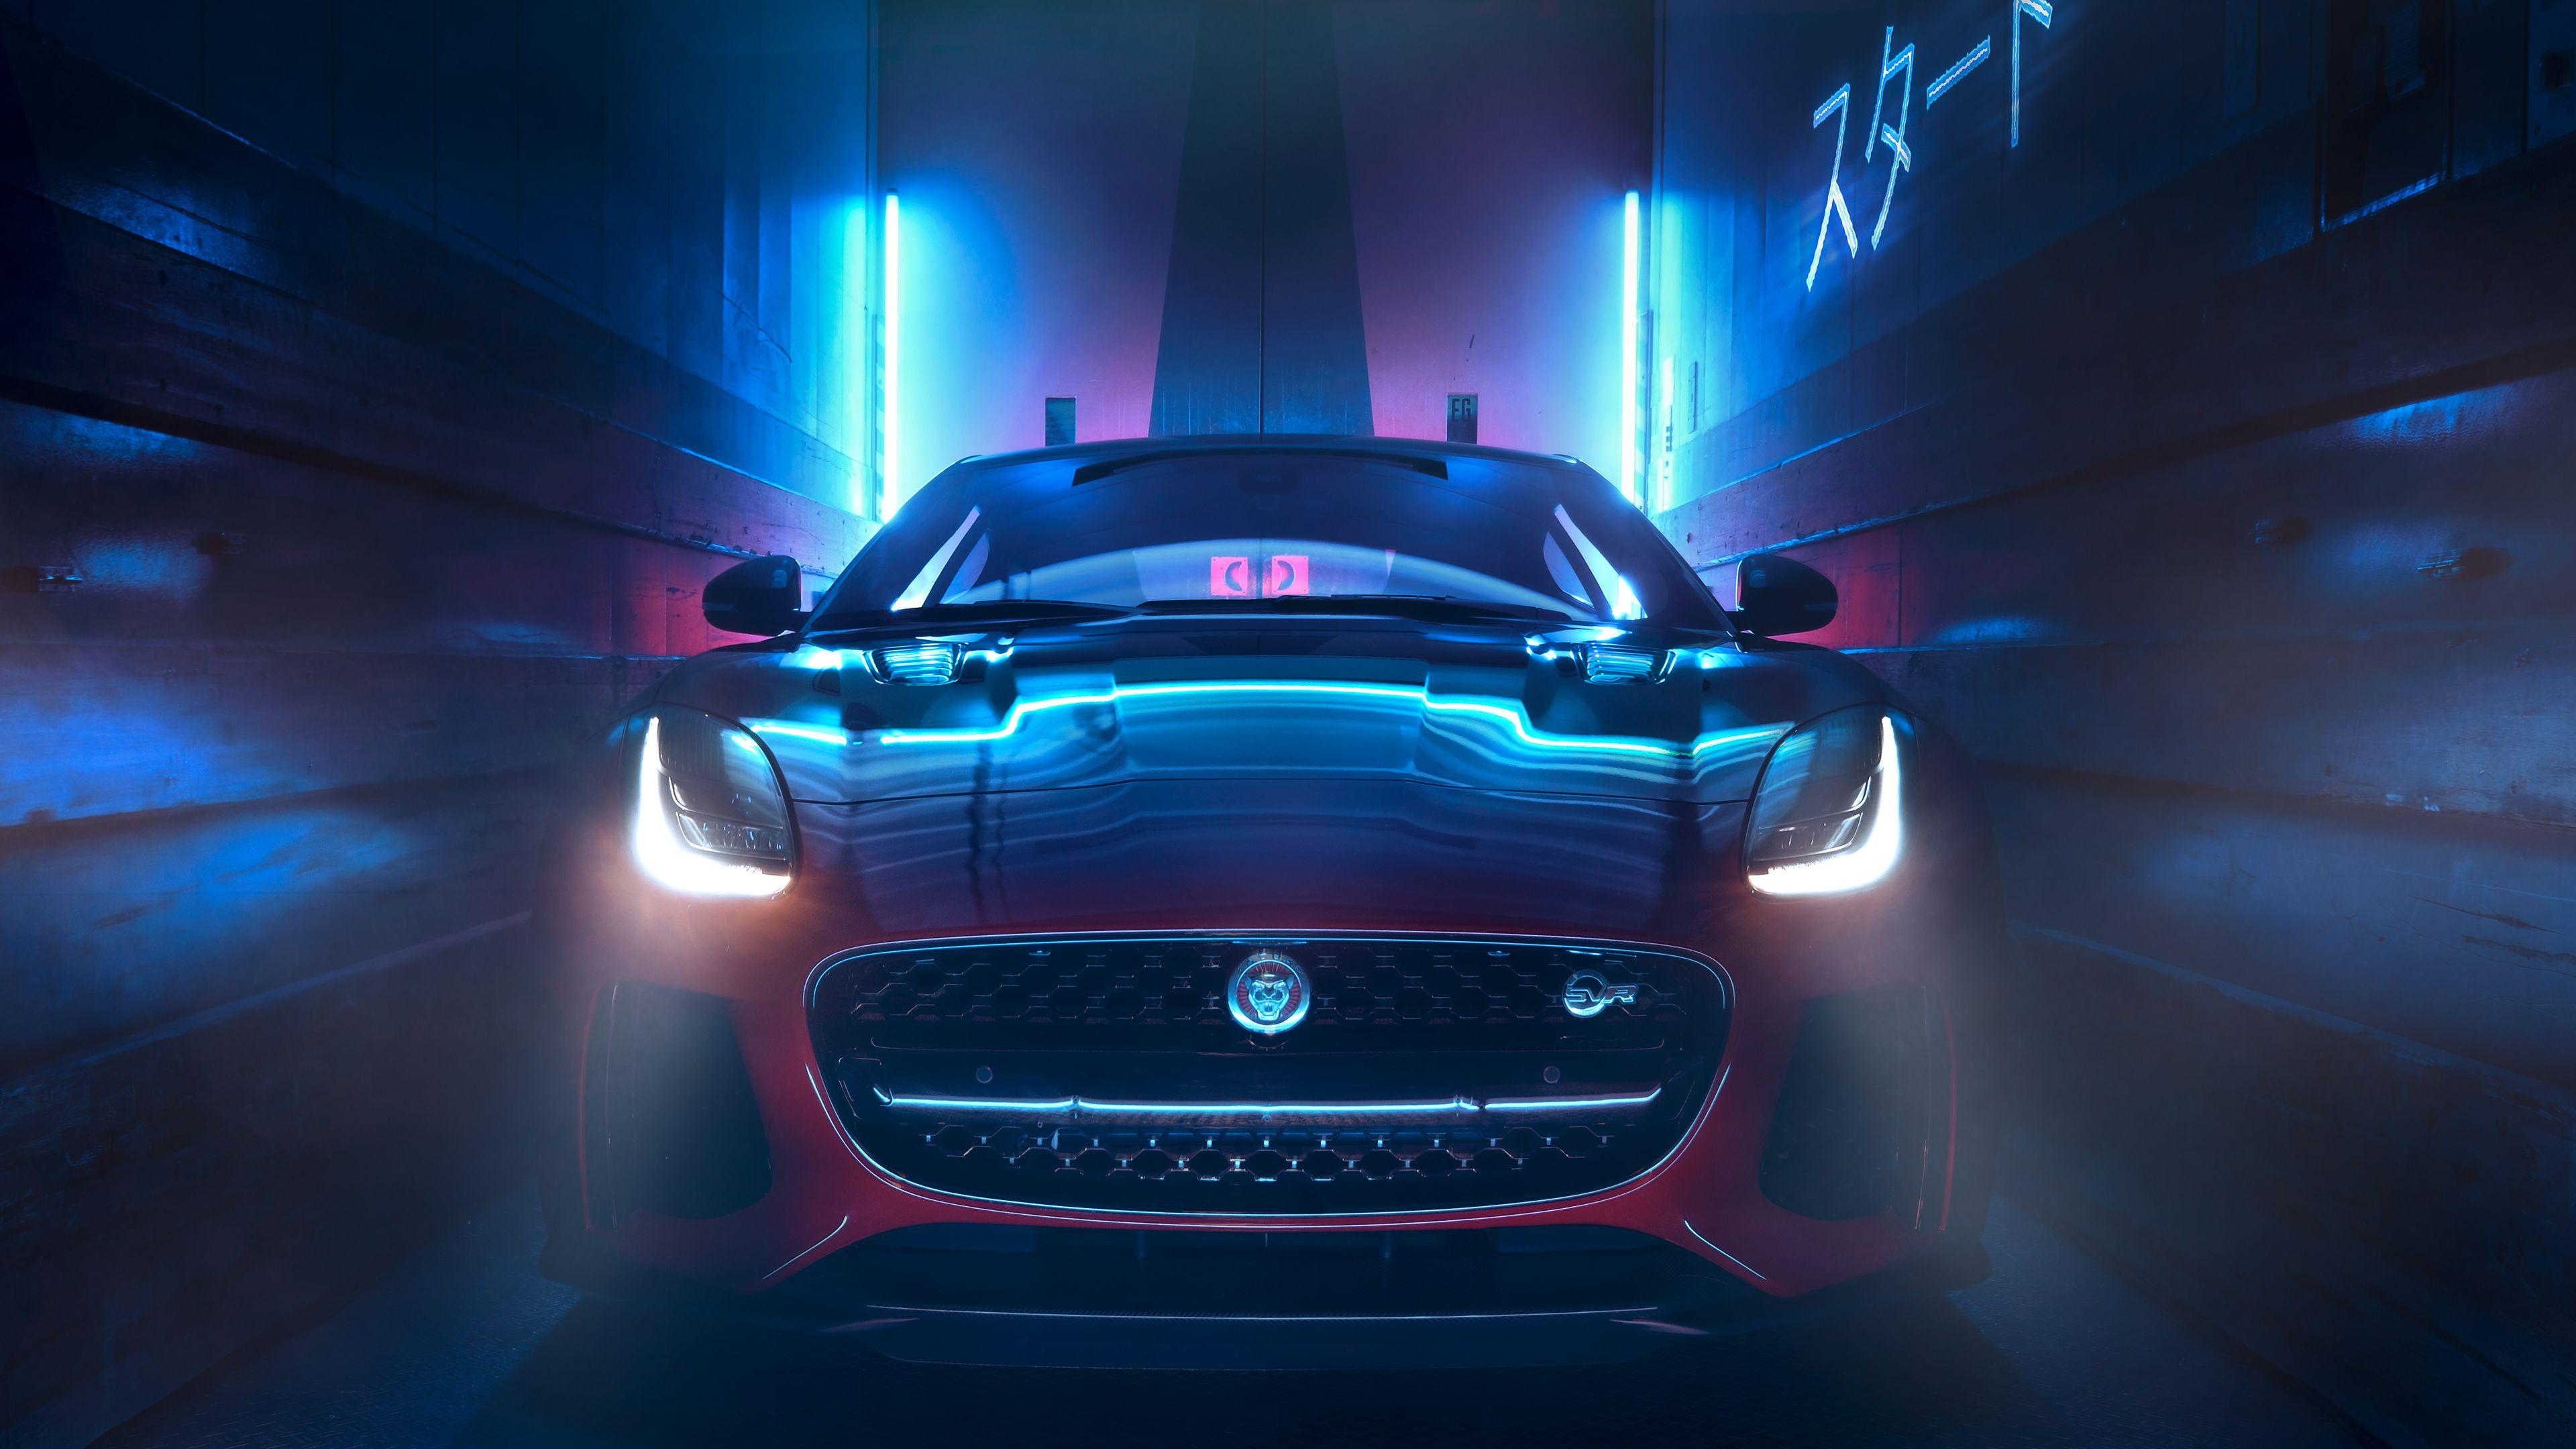 Jaguar Car Full Hd Wallpaper Download